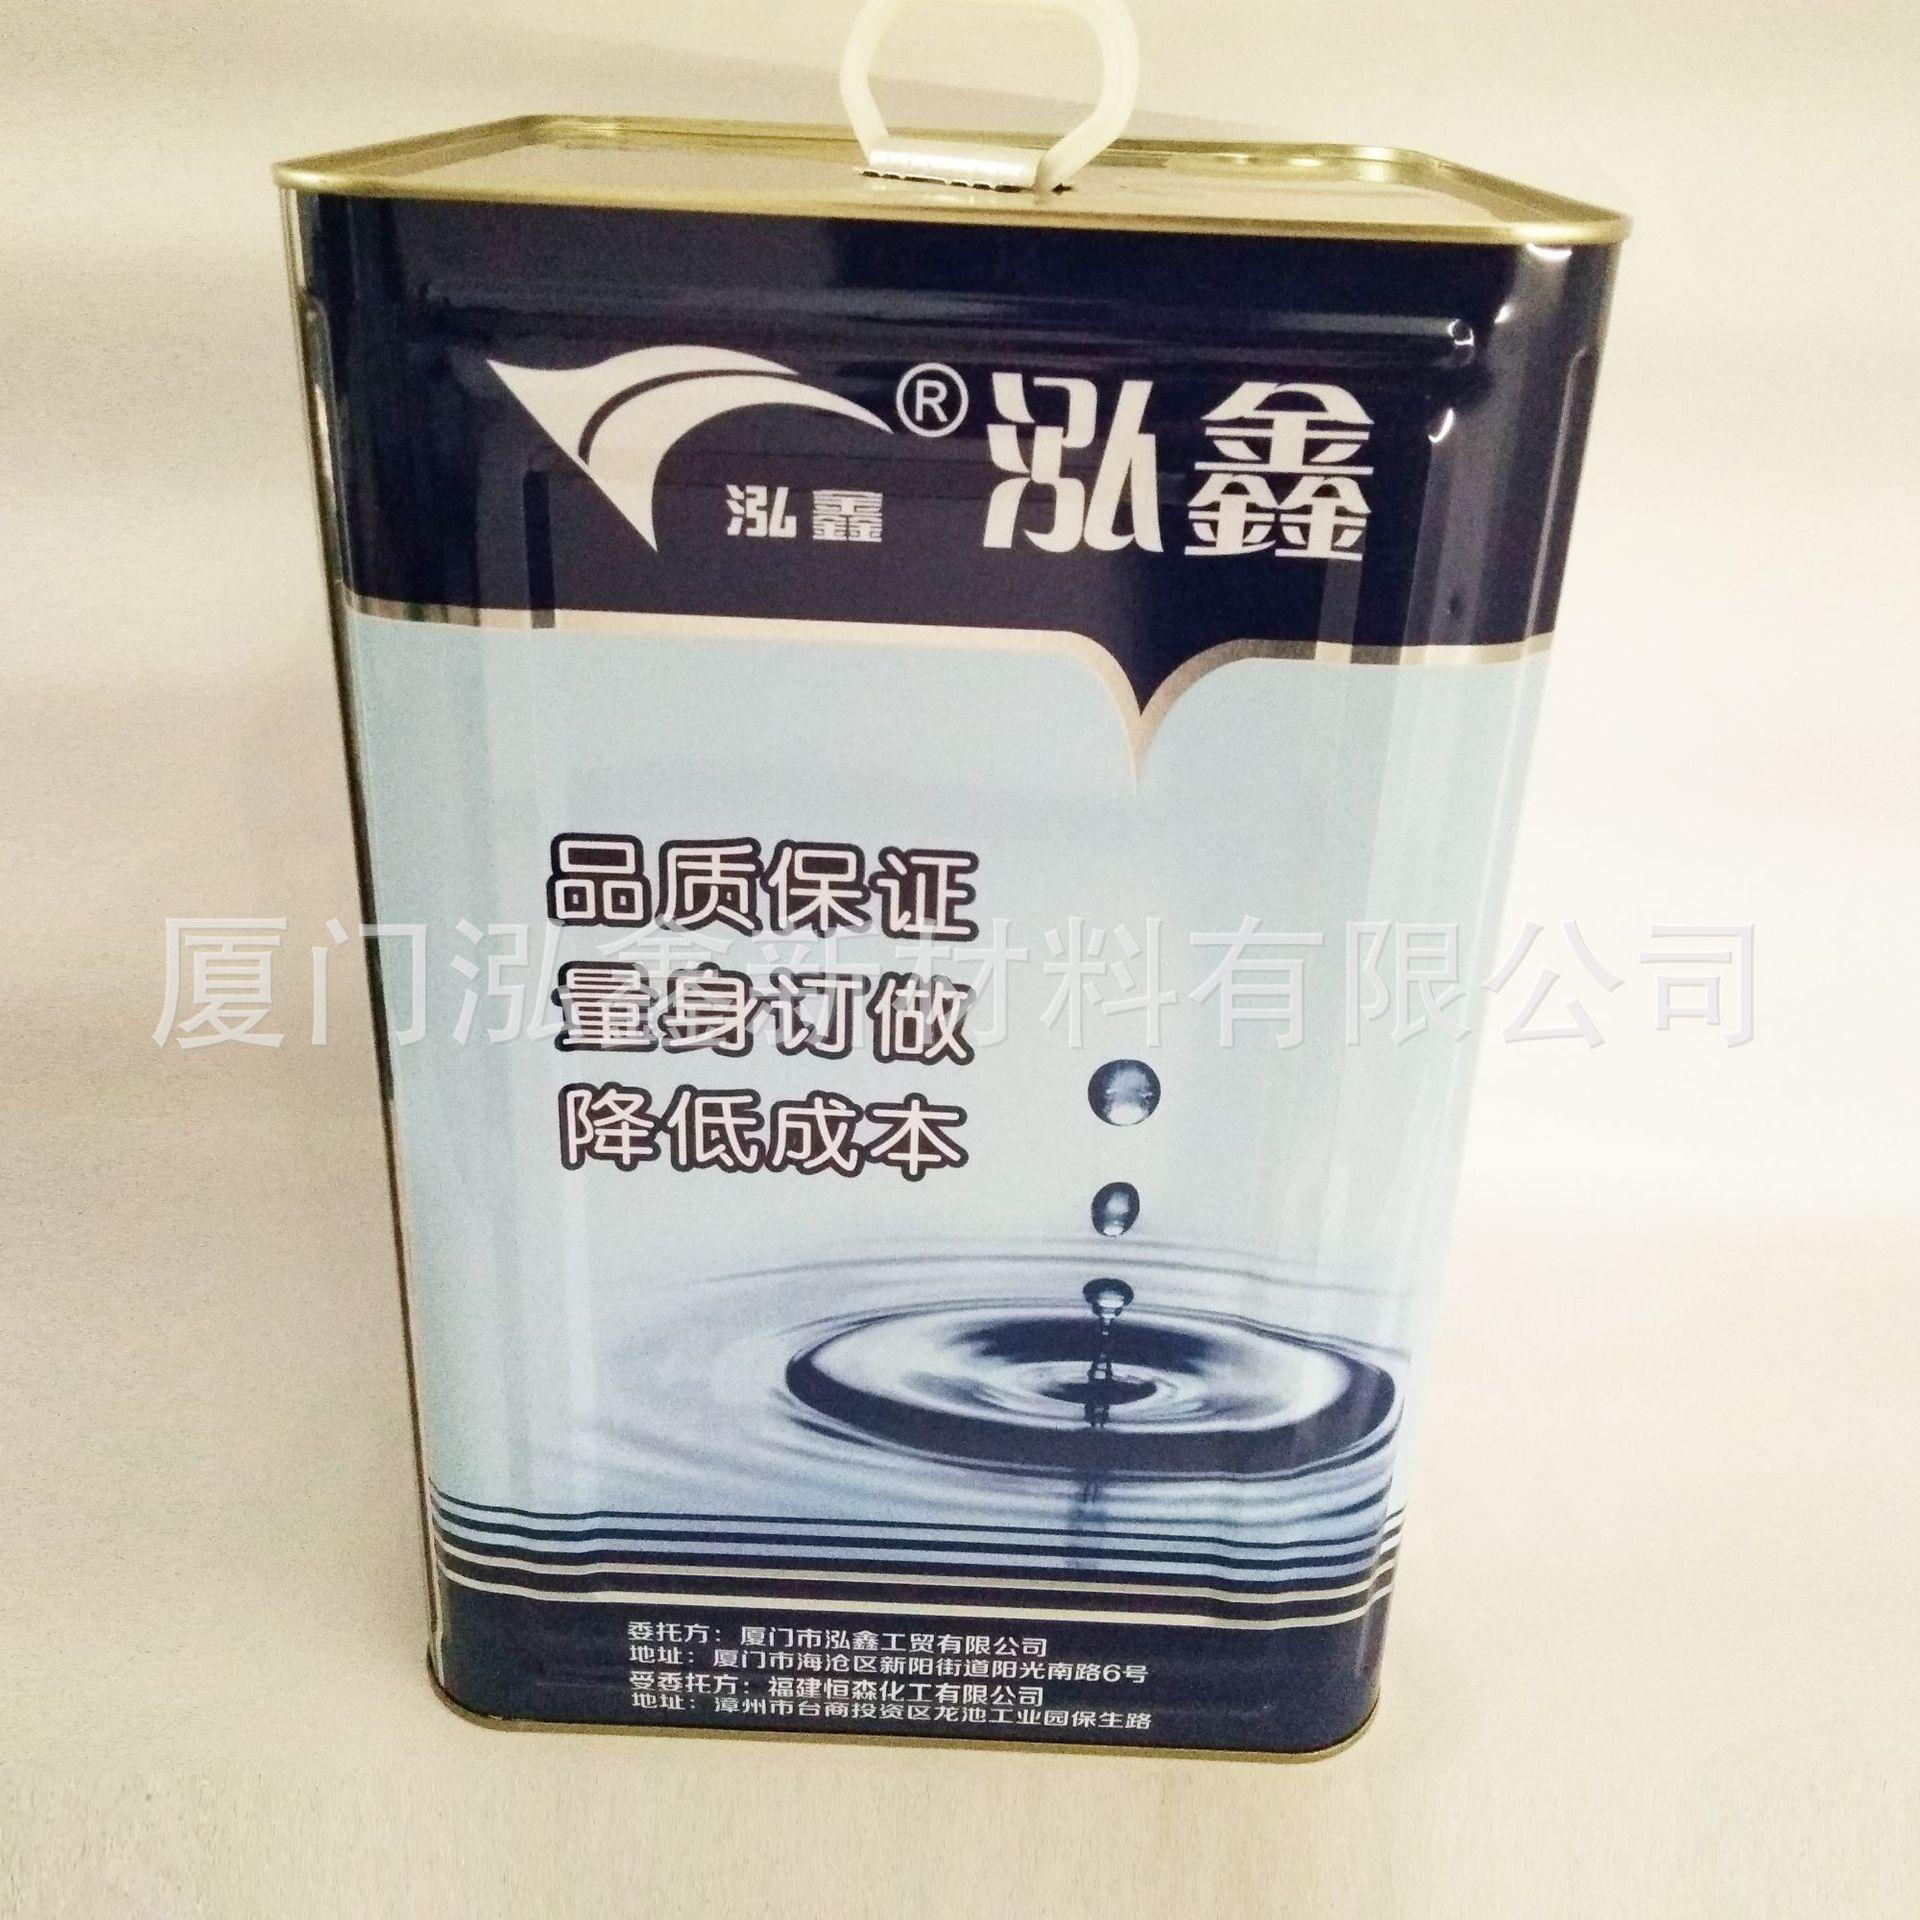 热销供应 硝基漆稀释剂 稀释剂 环氧树脂 无苯稀释剂